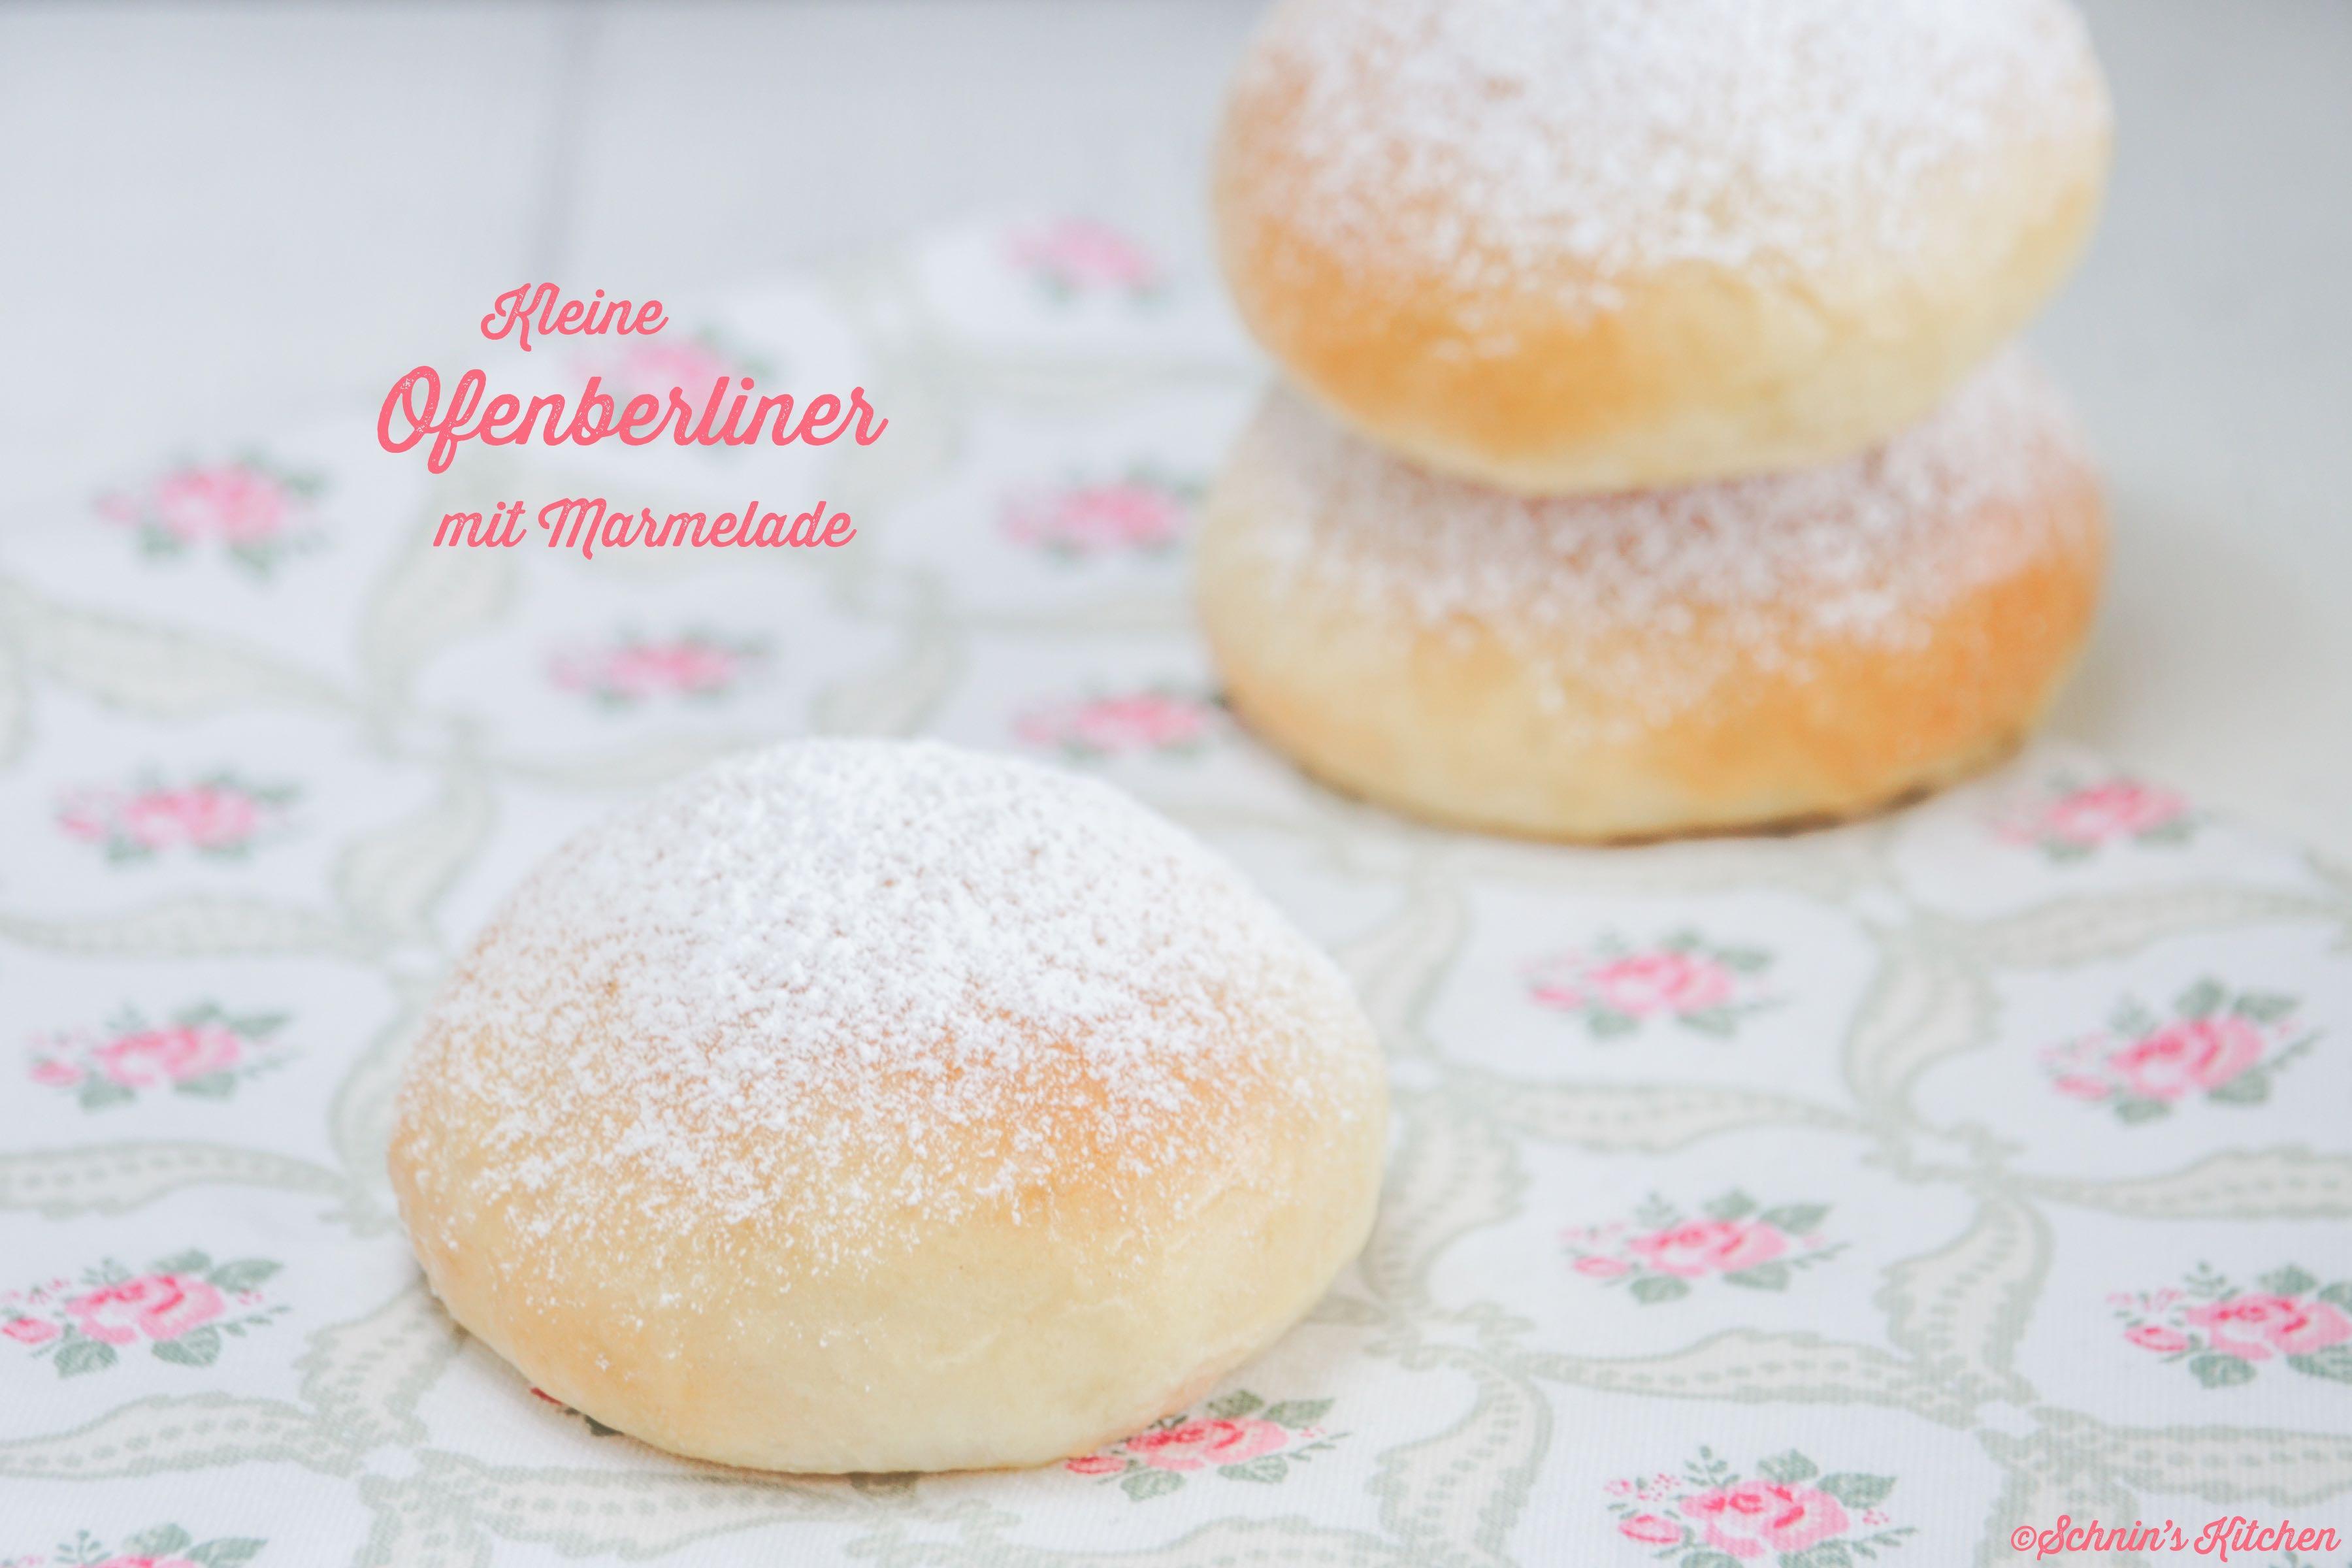 Fluffige, kleine Ofenberliner mit leckerer Marmelade: im Ofen gebackene Mini-Berliner, ohne Frittieren, schön fluffig und leicht, lecker gefüllt mit Marmelade. | www.schninskitchen.de